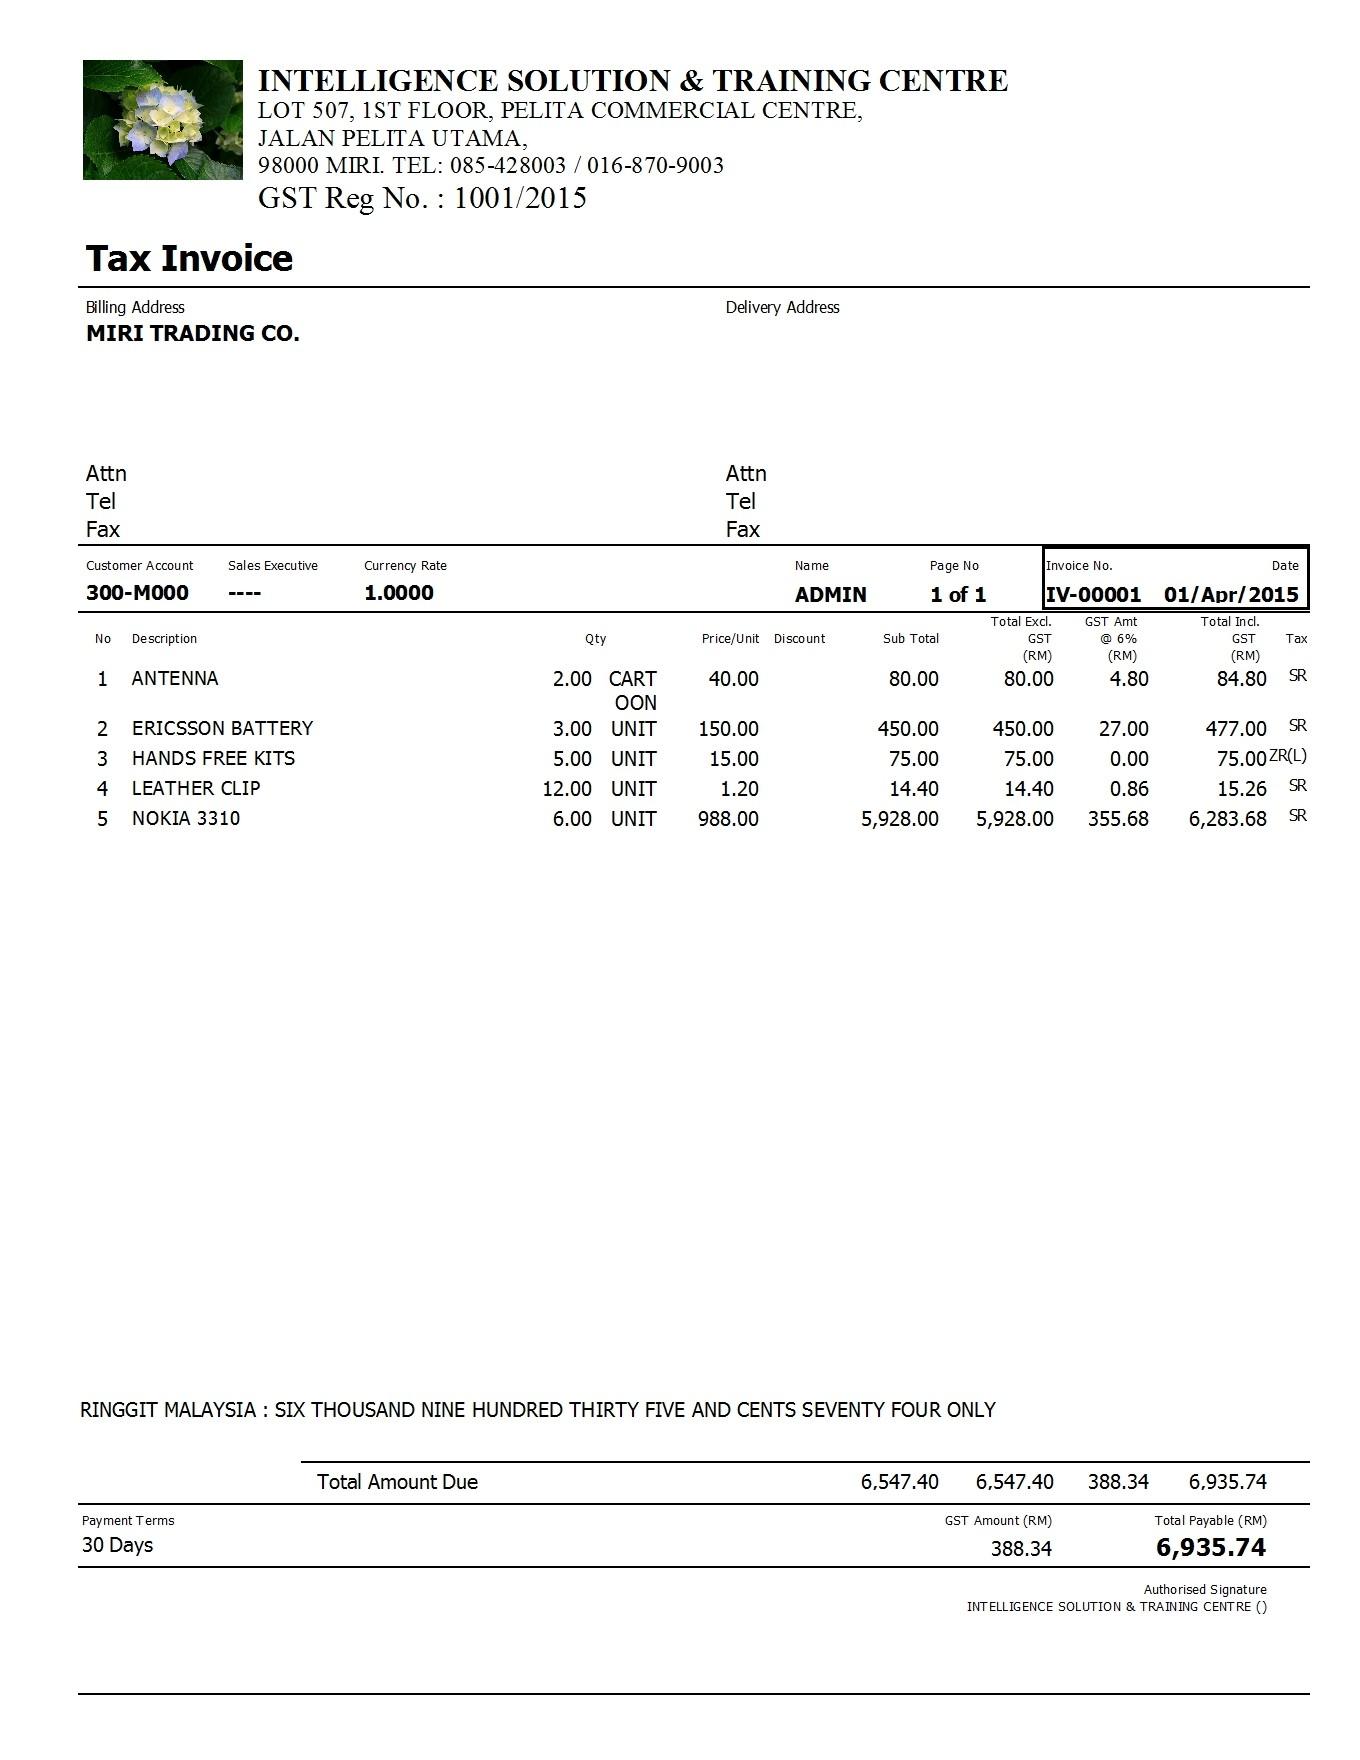 gst istc tax invoice gst